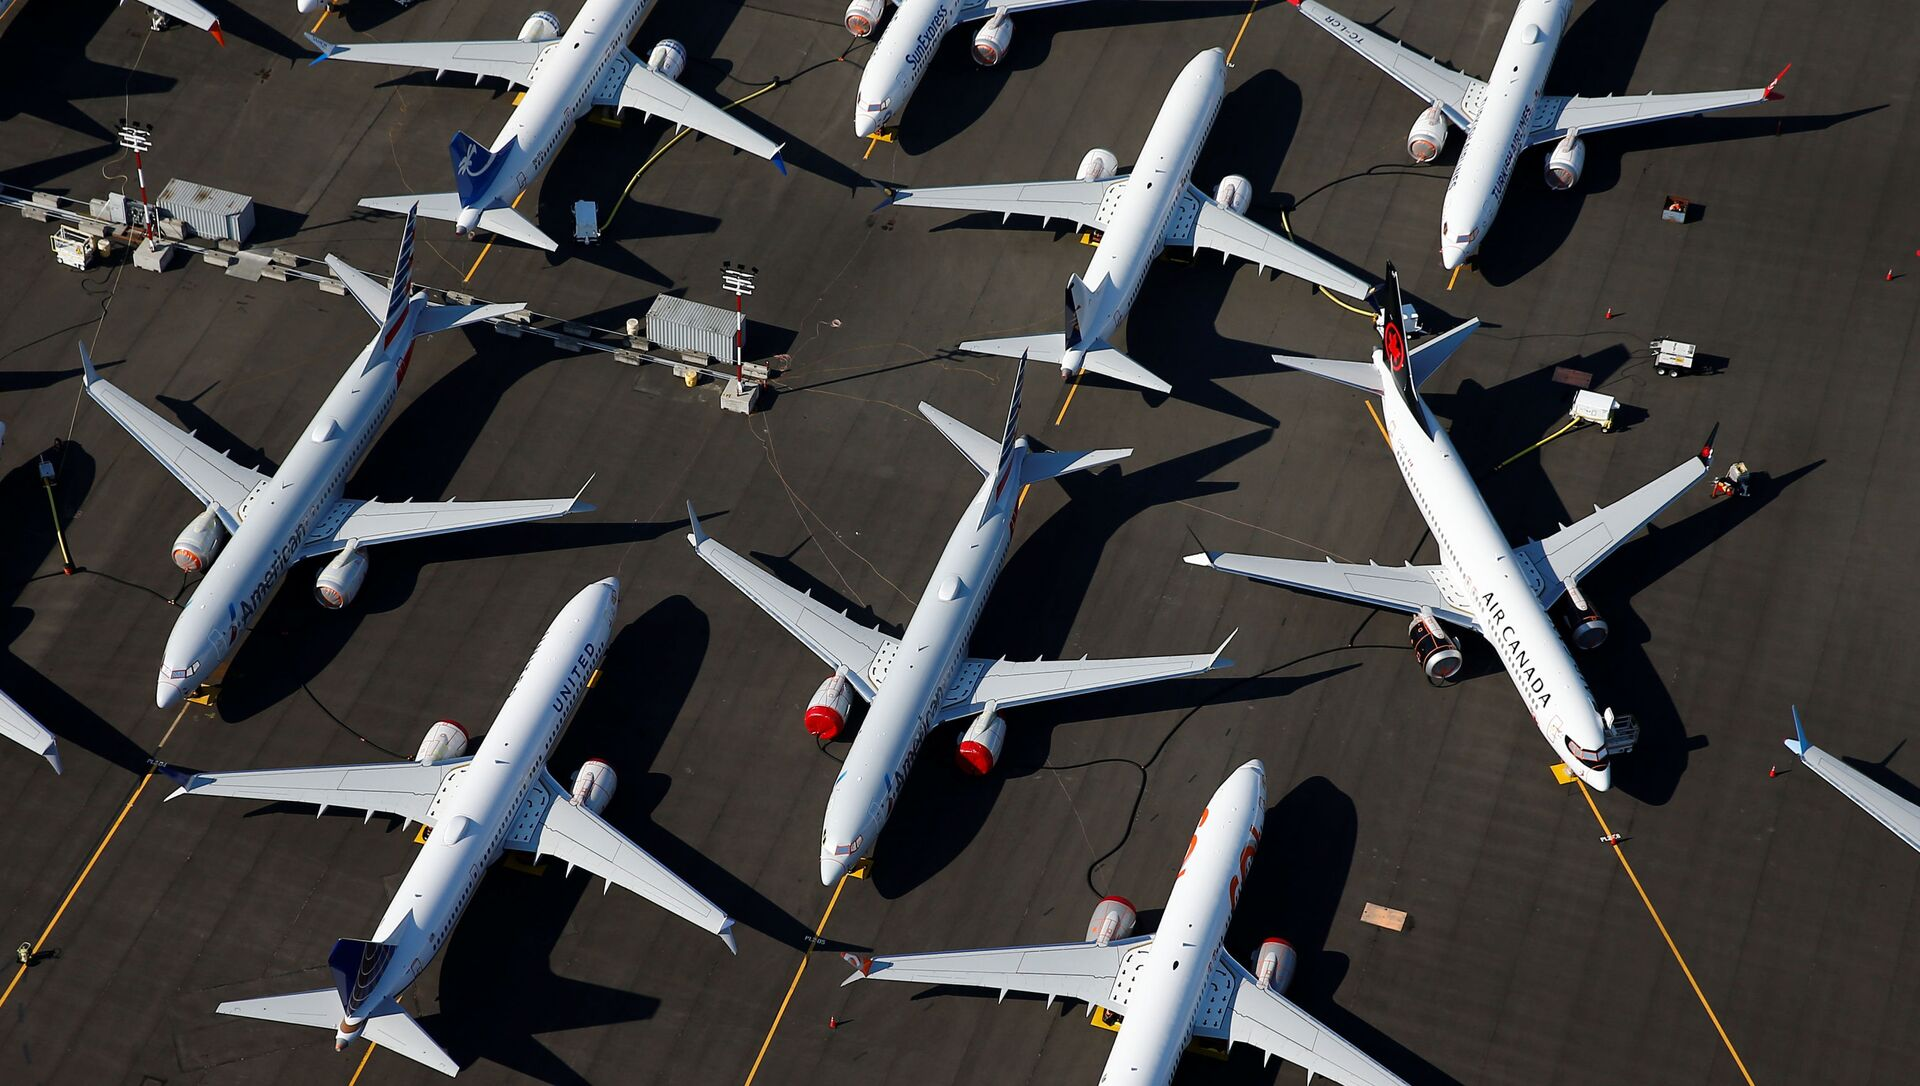 Припаркованные самолеты Boeing 737 MAX в аэропорту Boeing Field в Сиэтле, штат Вашингтон, США - Sputnik 日本, 1920, 19.05.2021